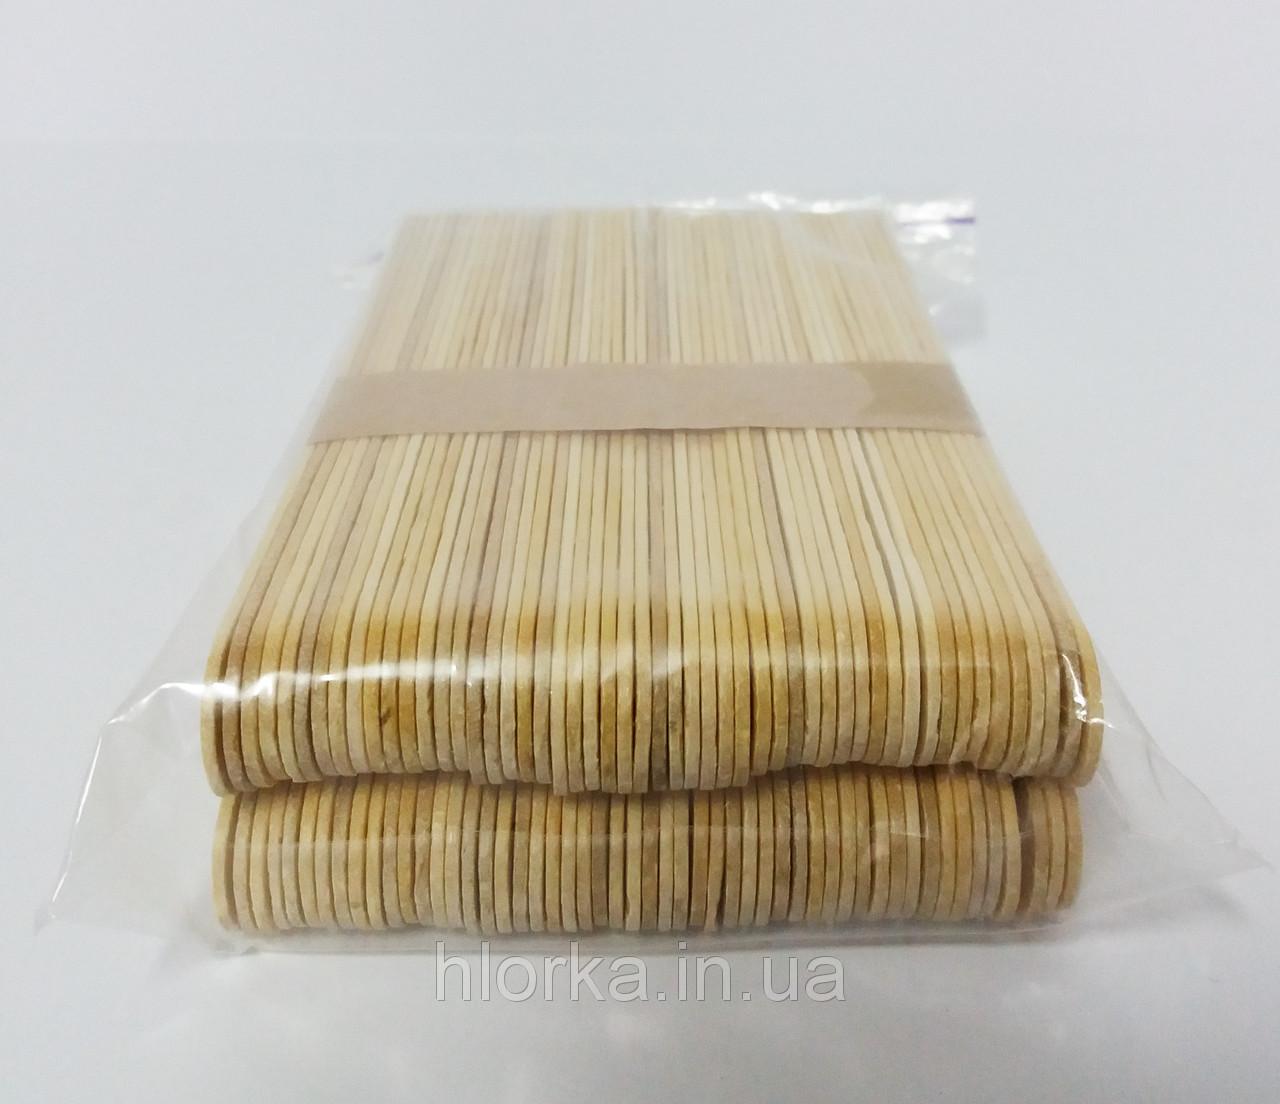 Шпатели деревянные 150мм*17мм*2мм (100 шт./уп.)